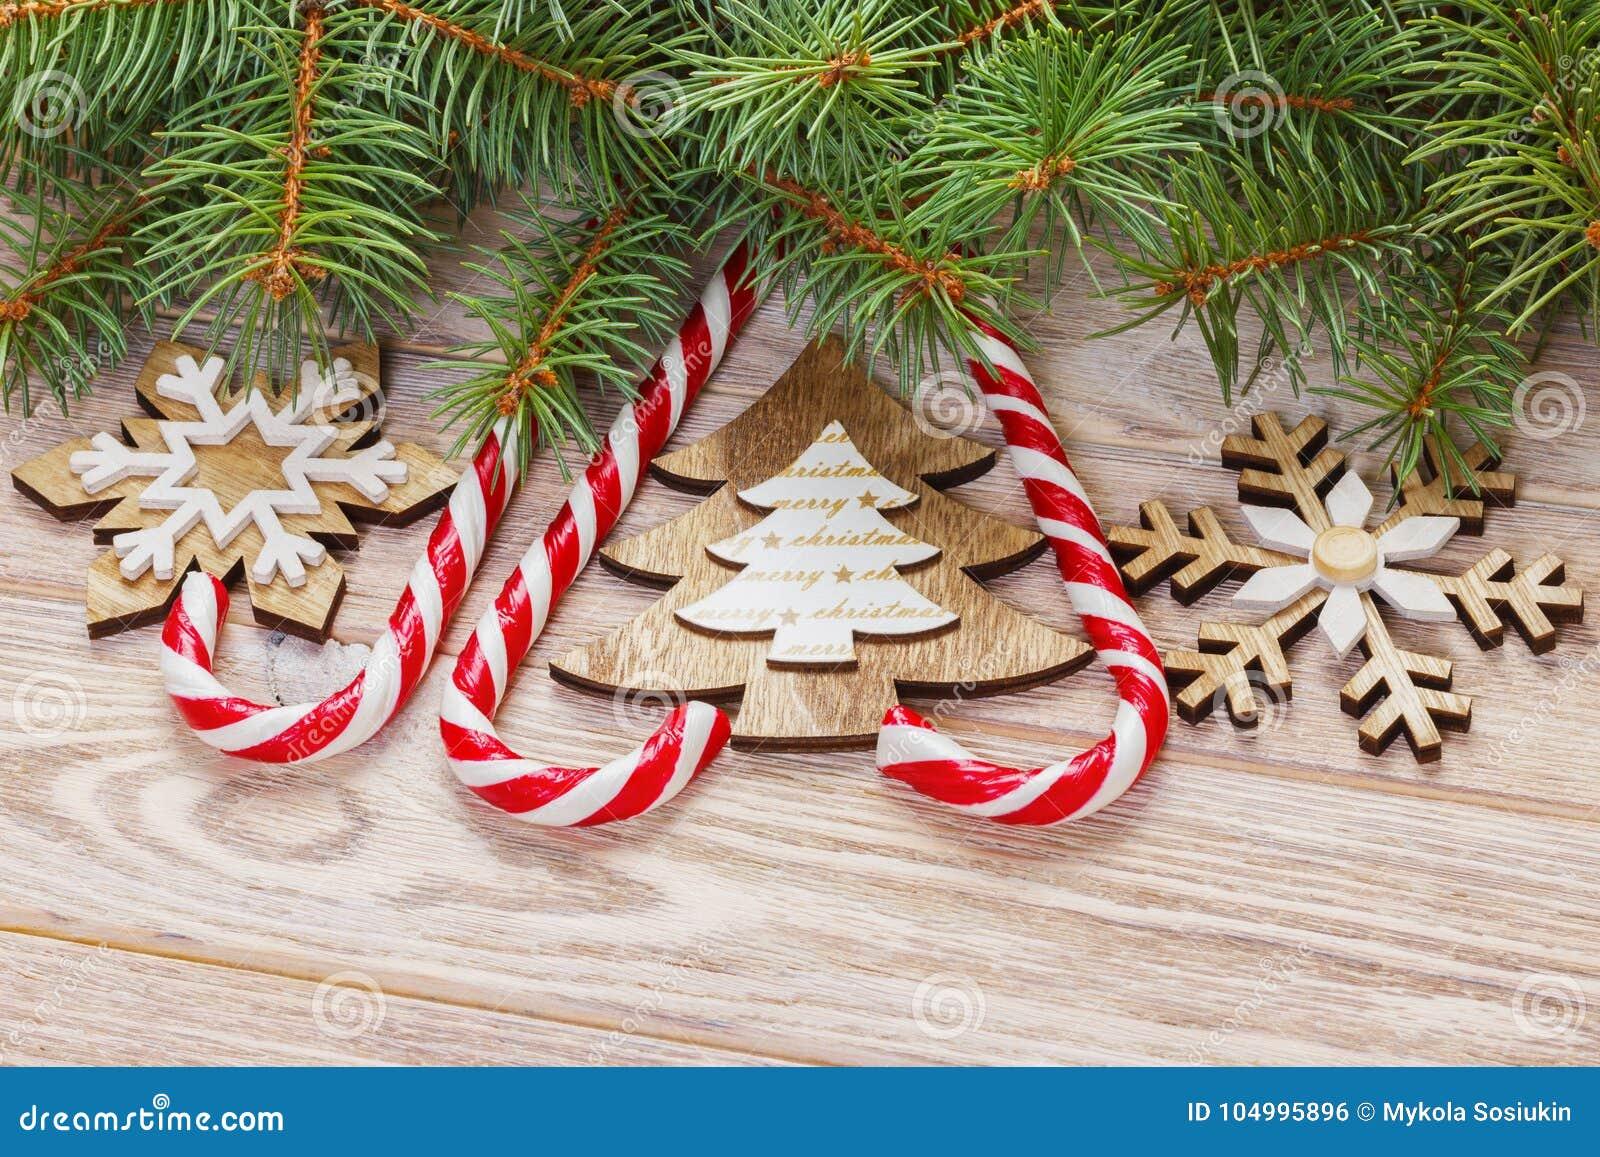 Julgodisrottingar och snöflingor på en träbakgrund